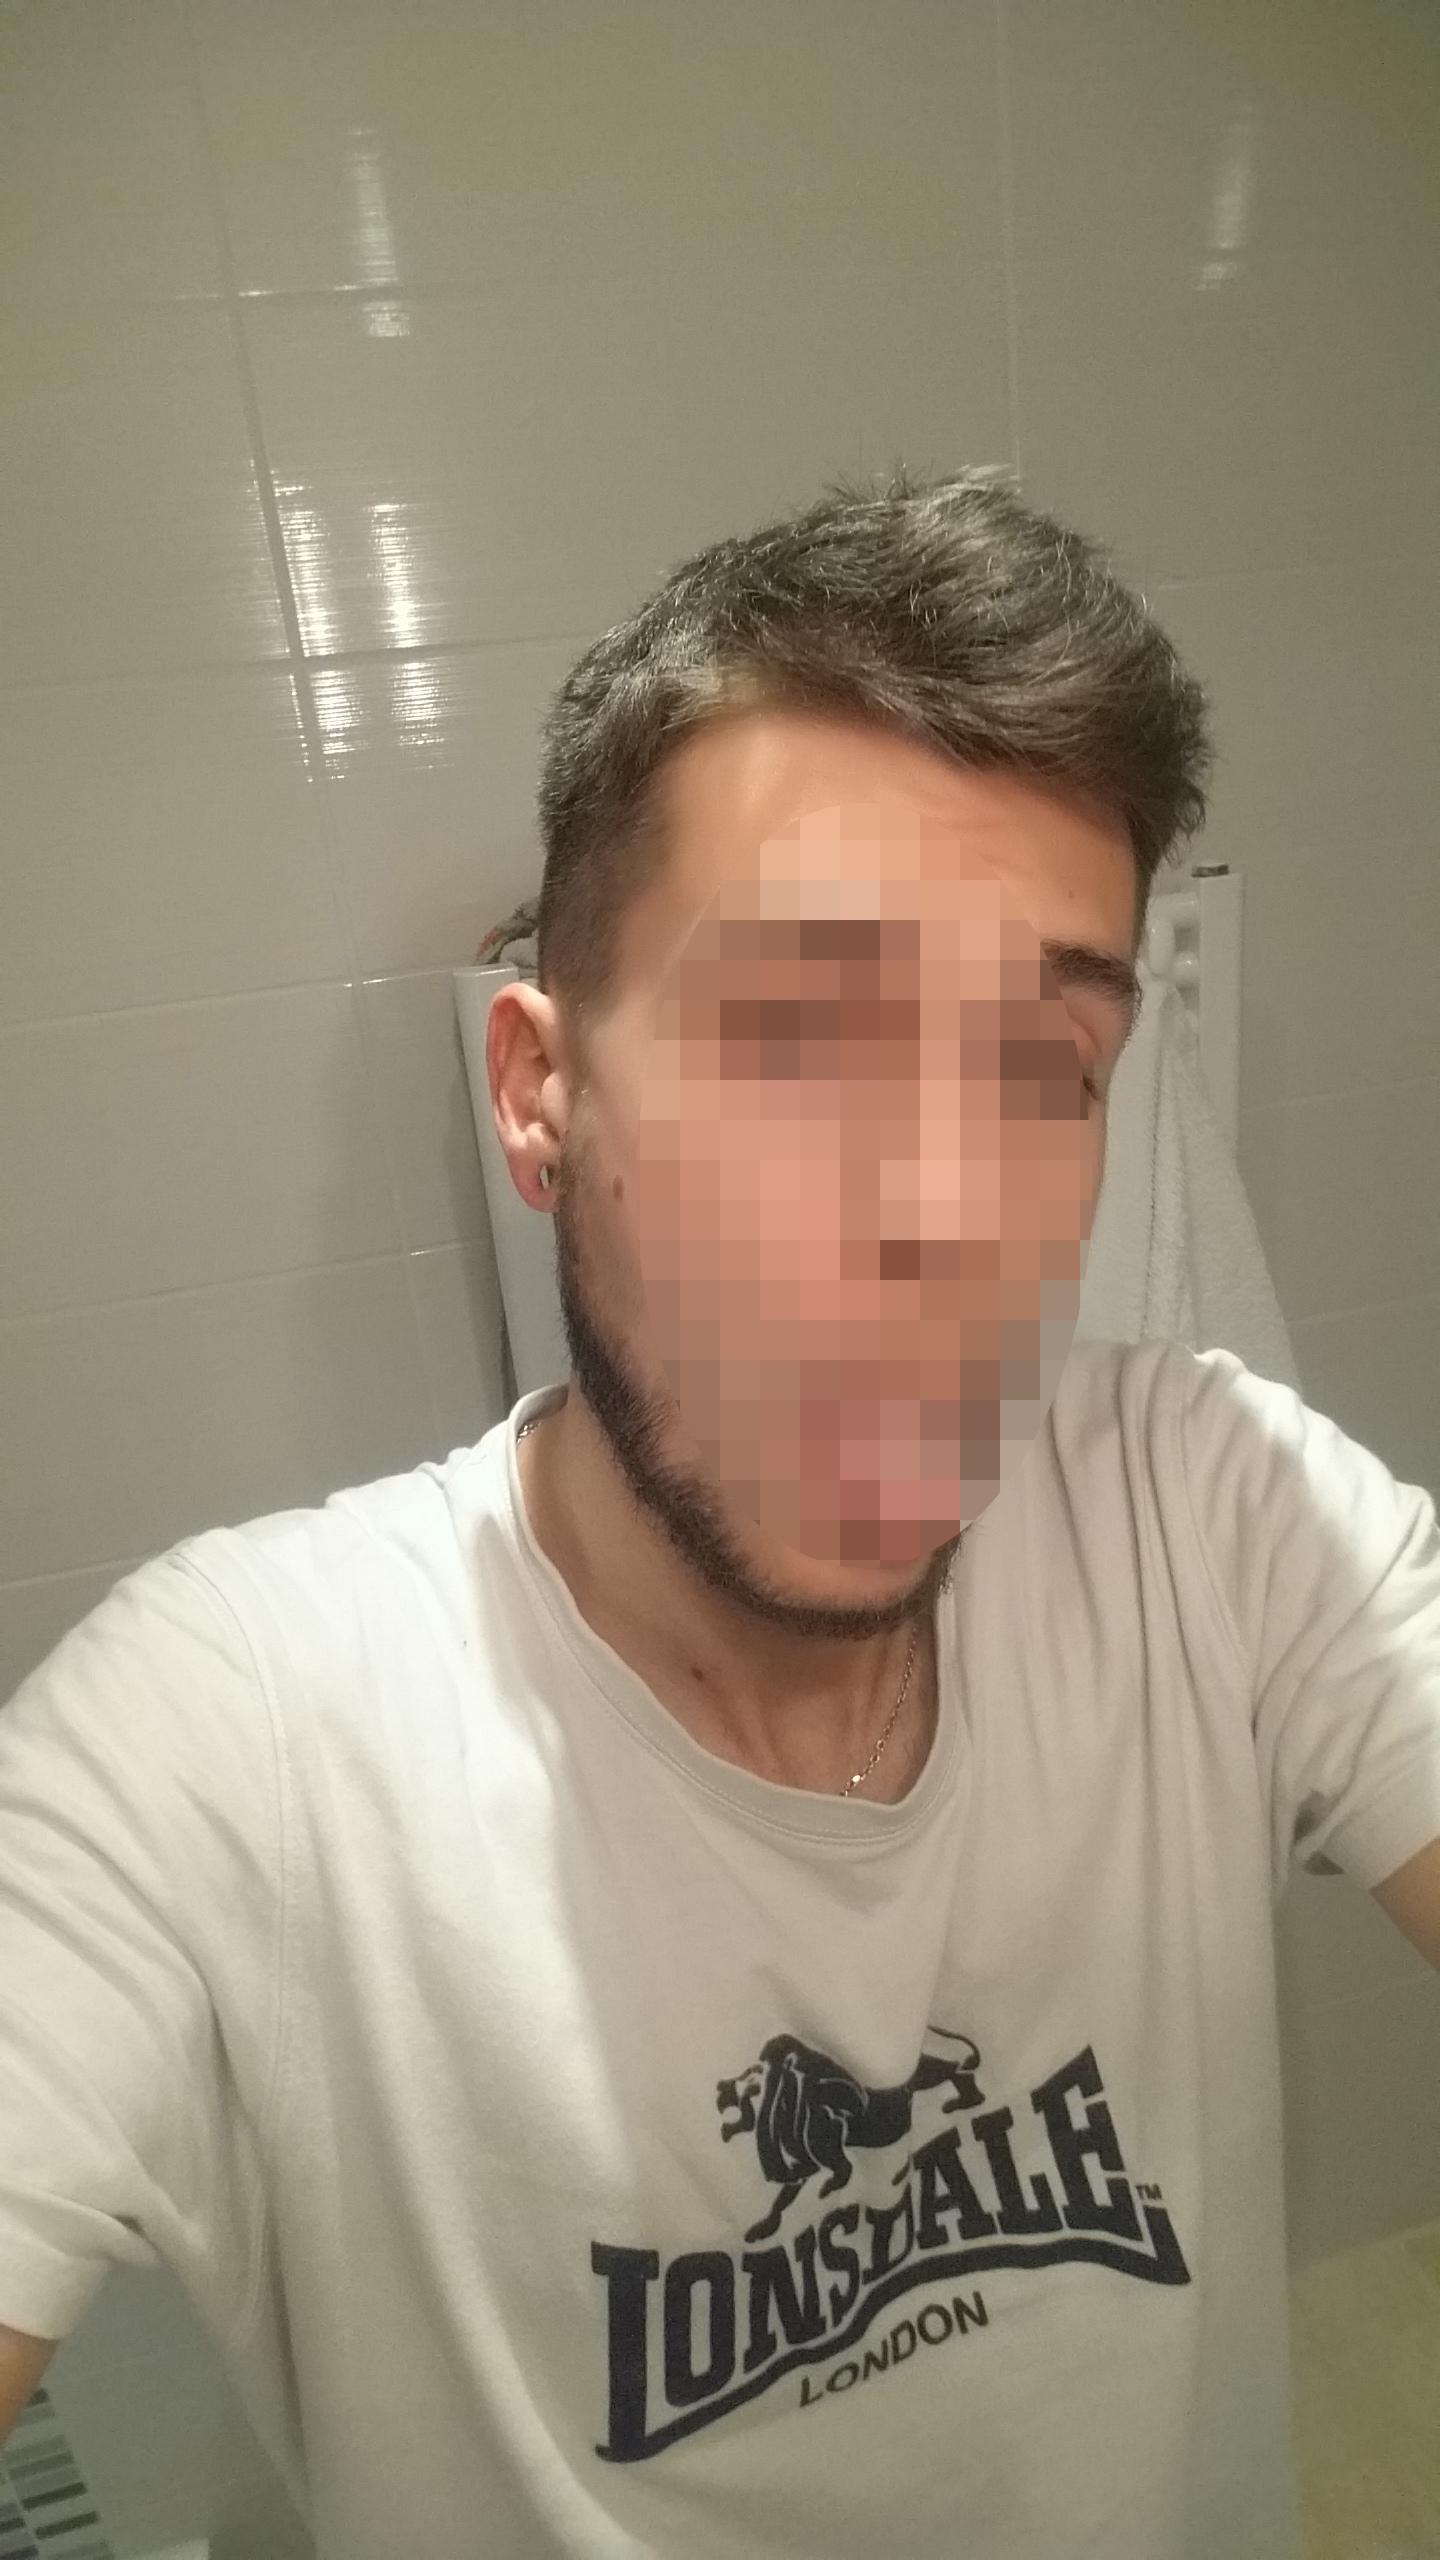 rencontre sexe 100 gratuit plan cul sans inscription gratuit